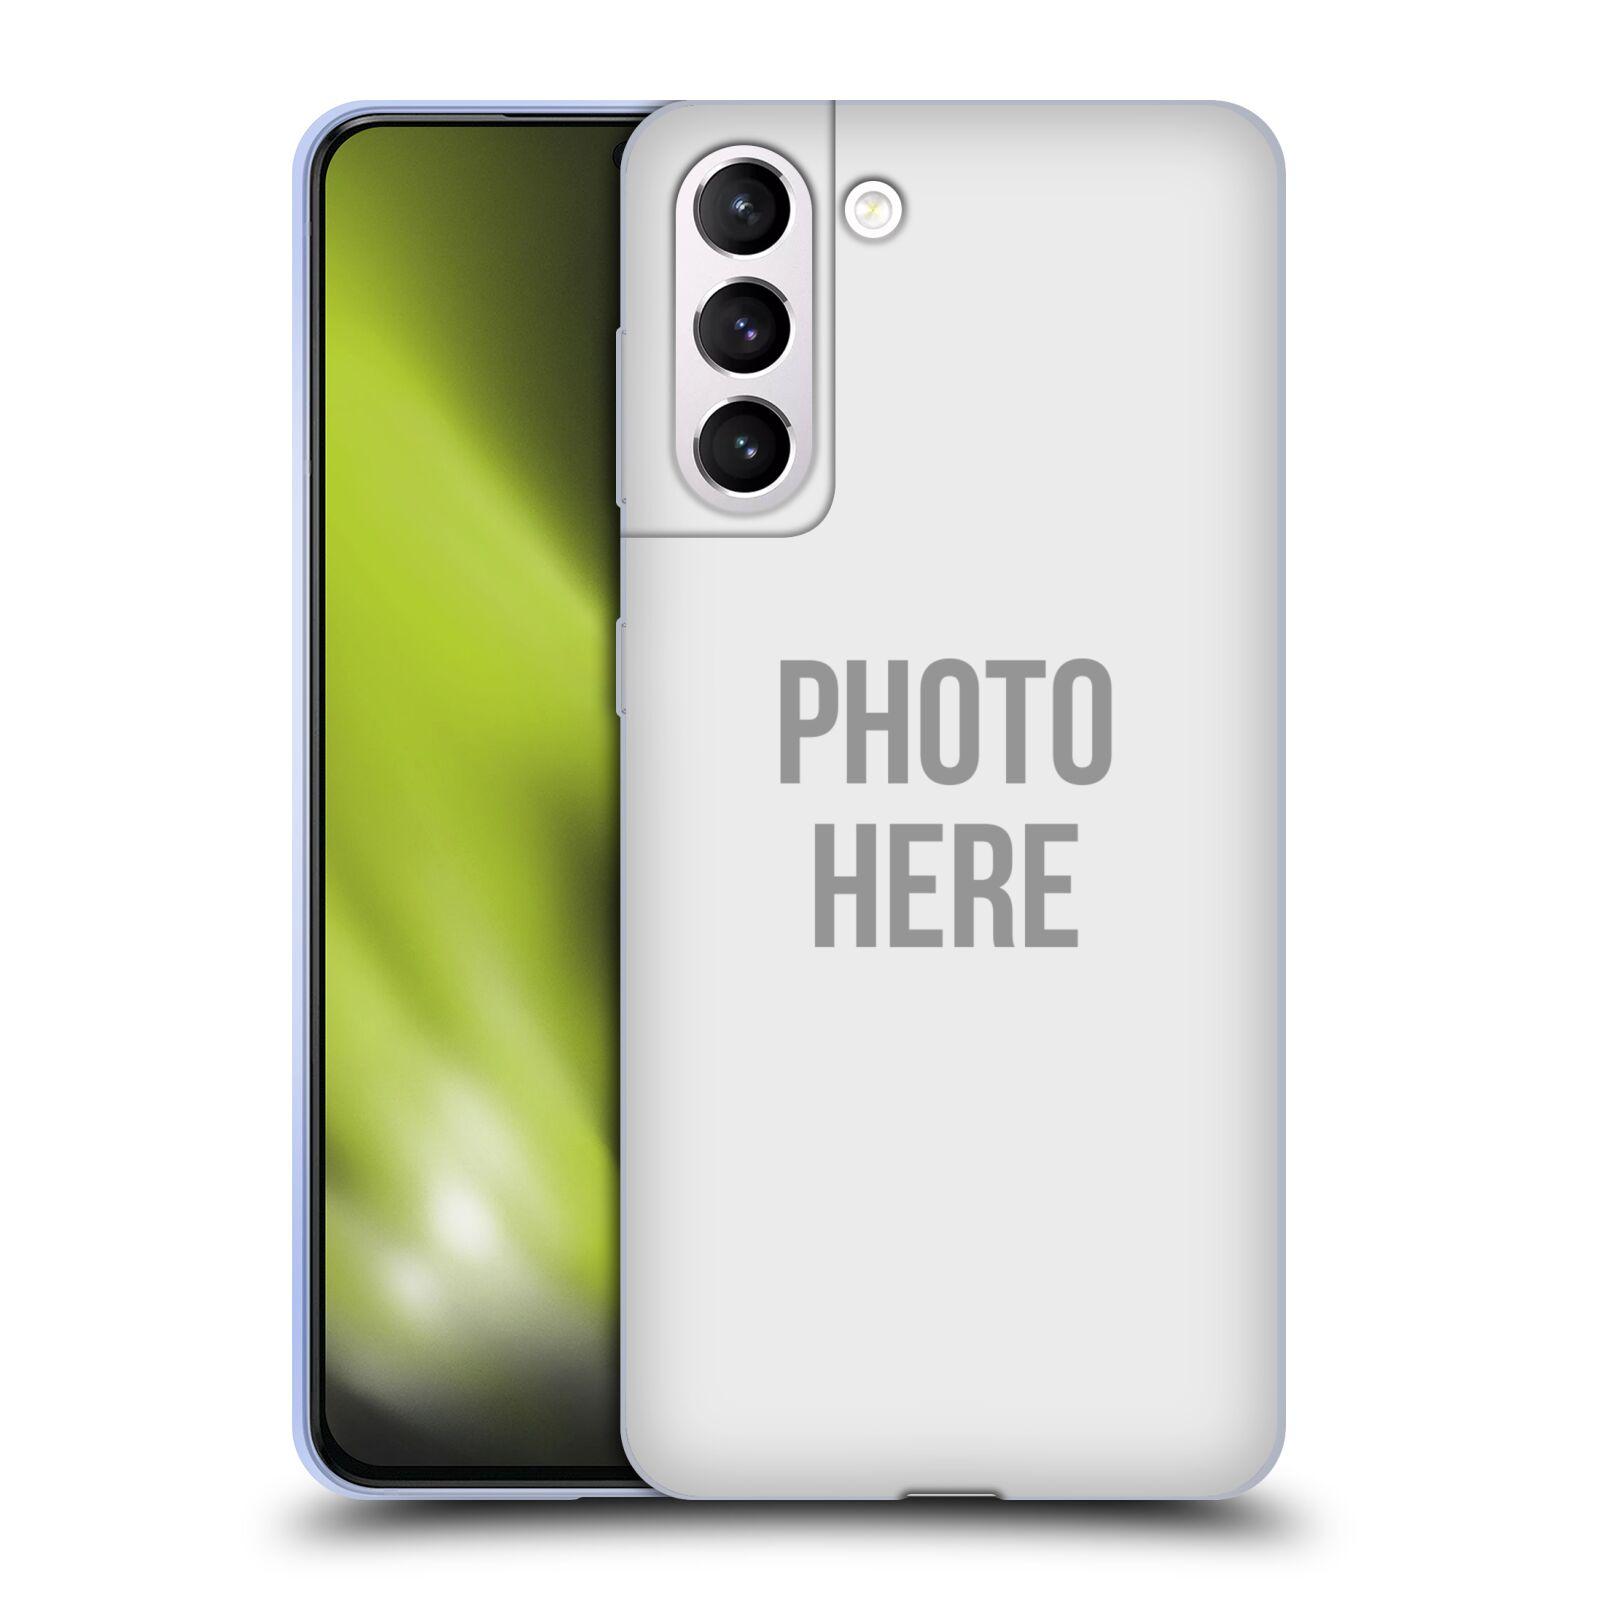 Silikonové pouzdro na mobil Samsung Galaxy S21 Plus 5G s vlastním motivem